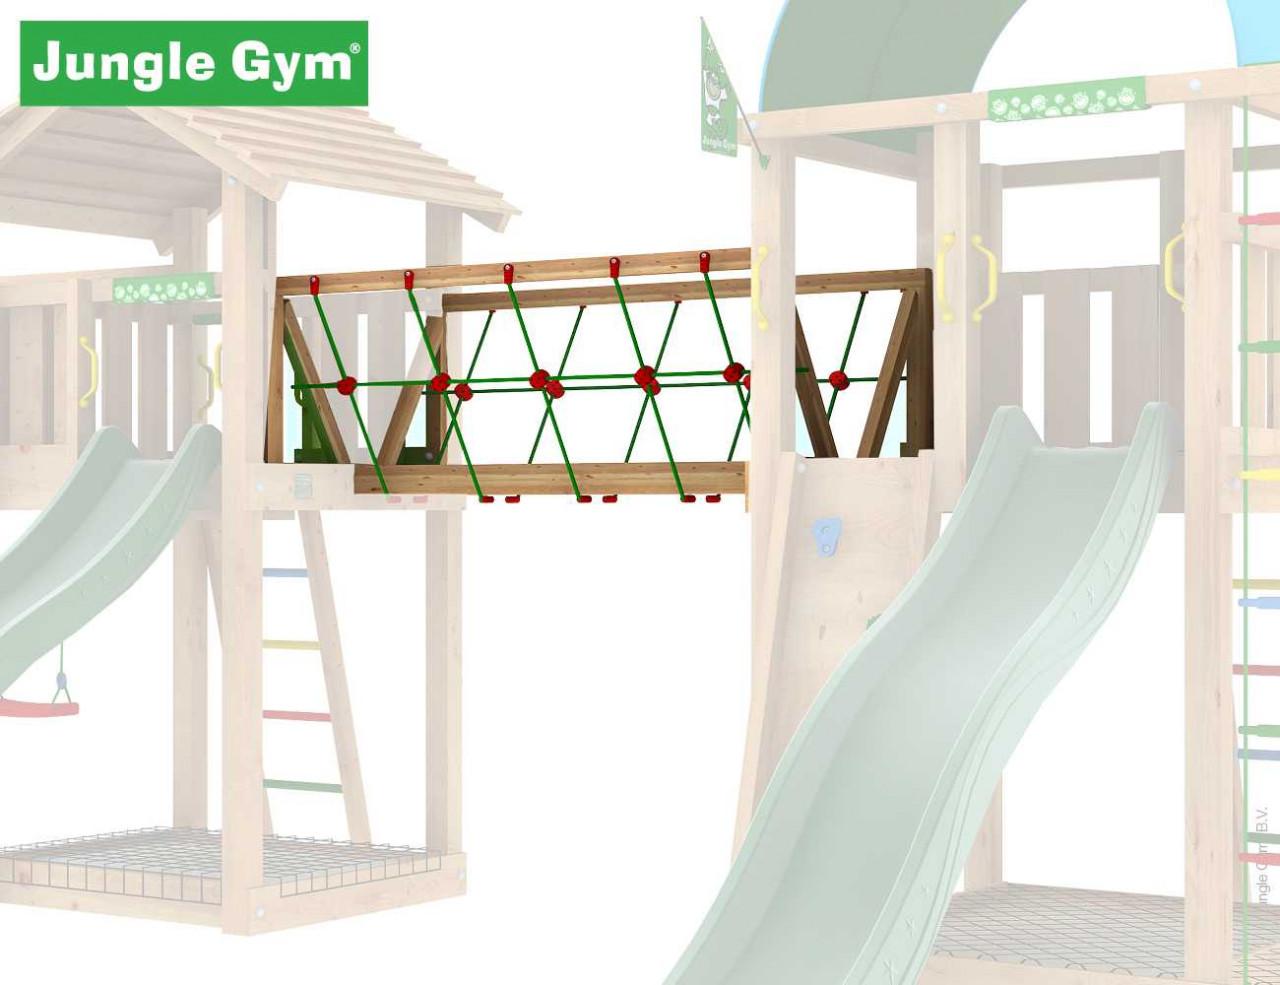 Jungle Gym Net-Link